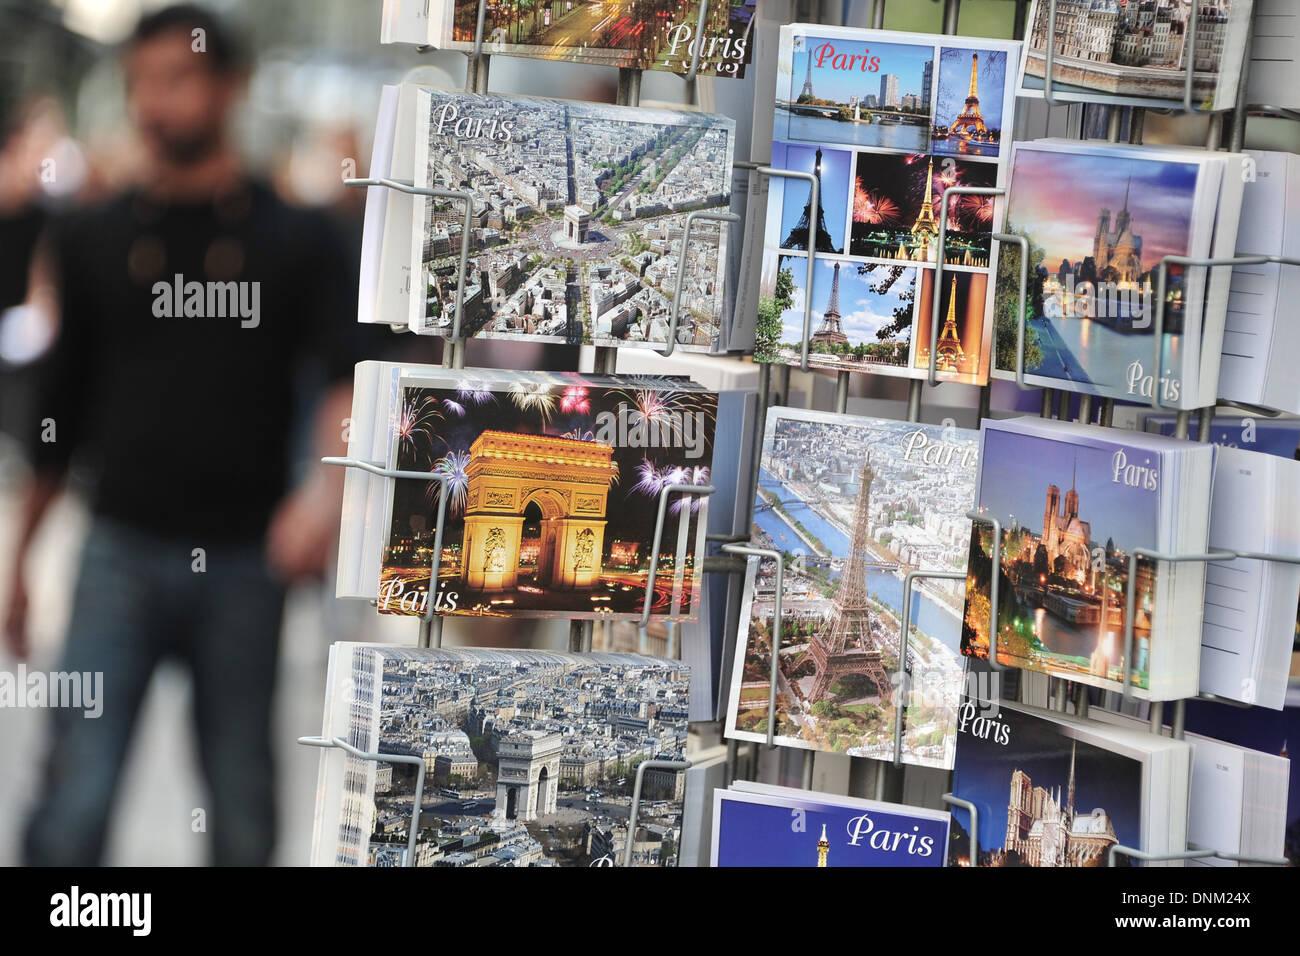 Paris, France, sale of postcards - Stock Image